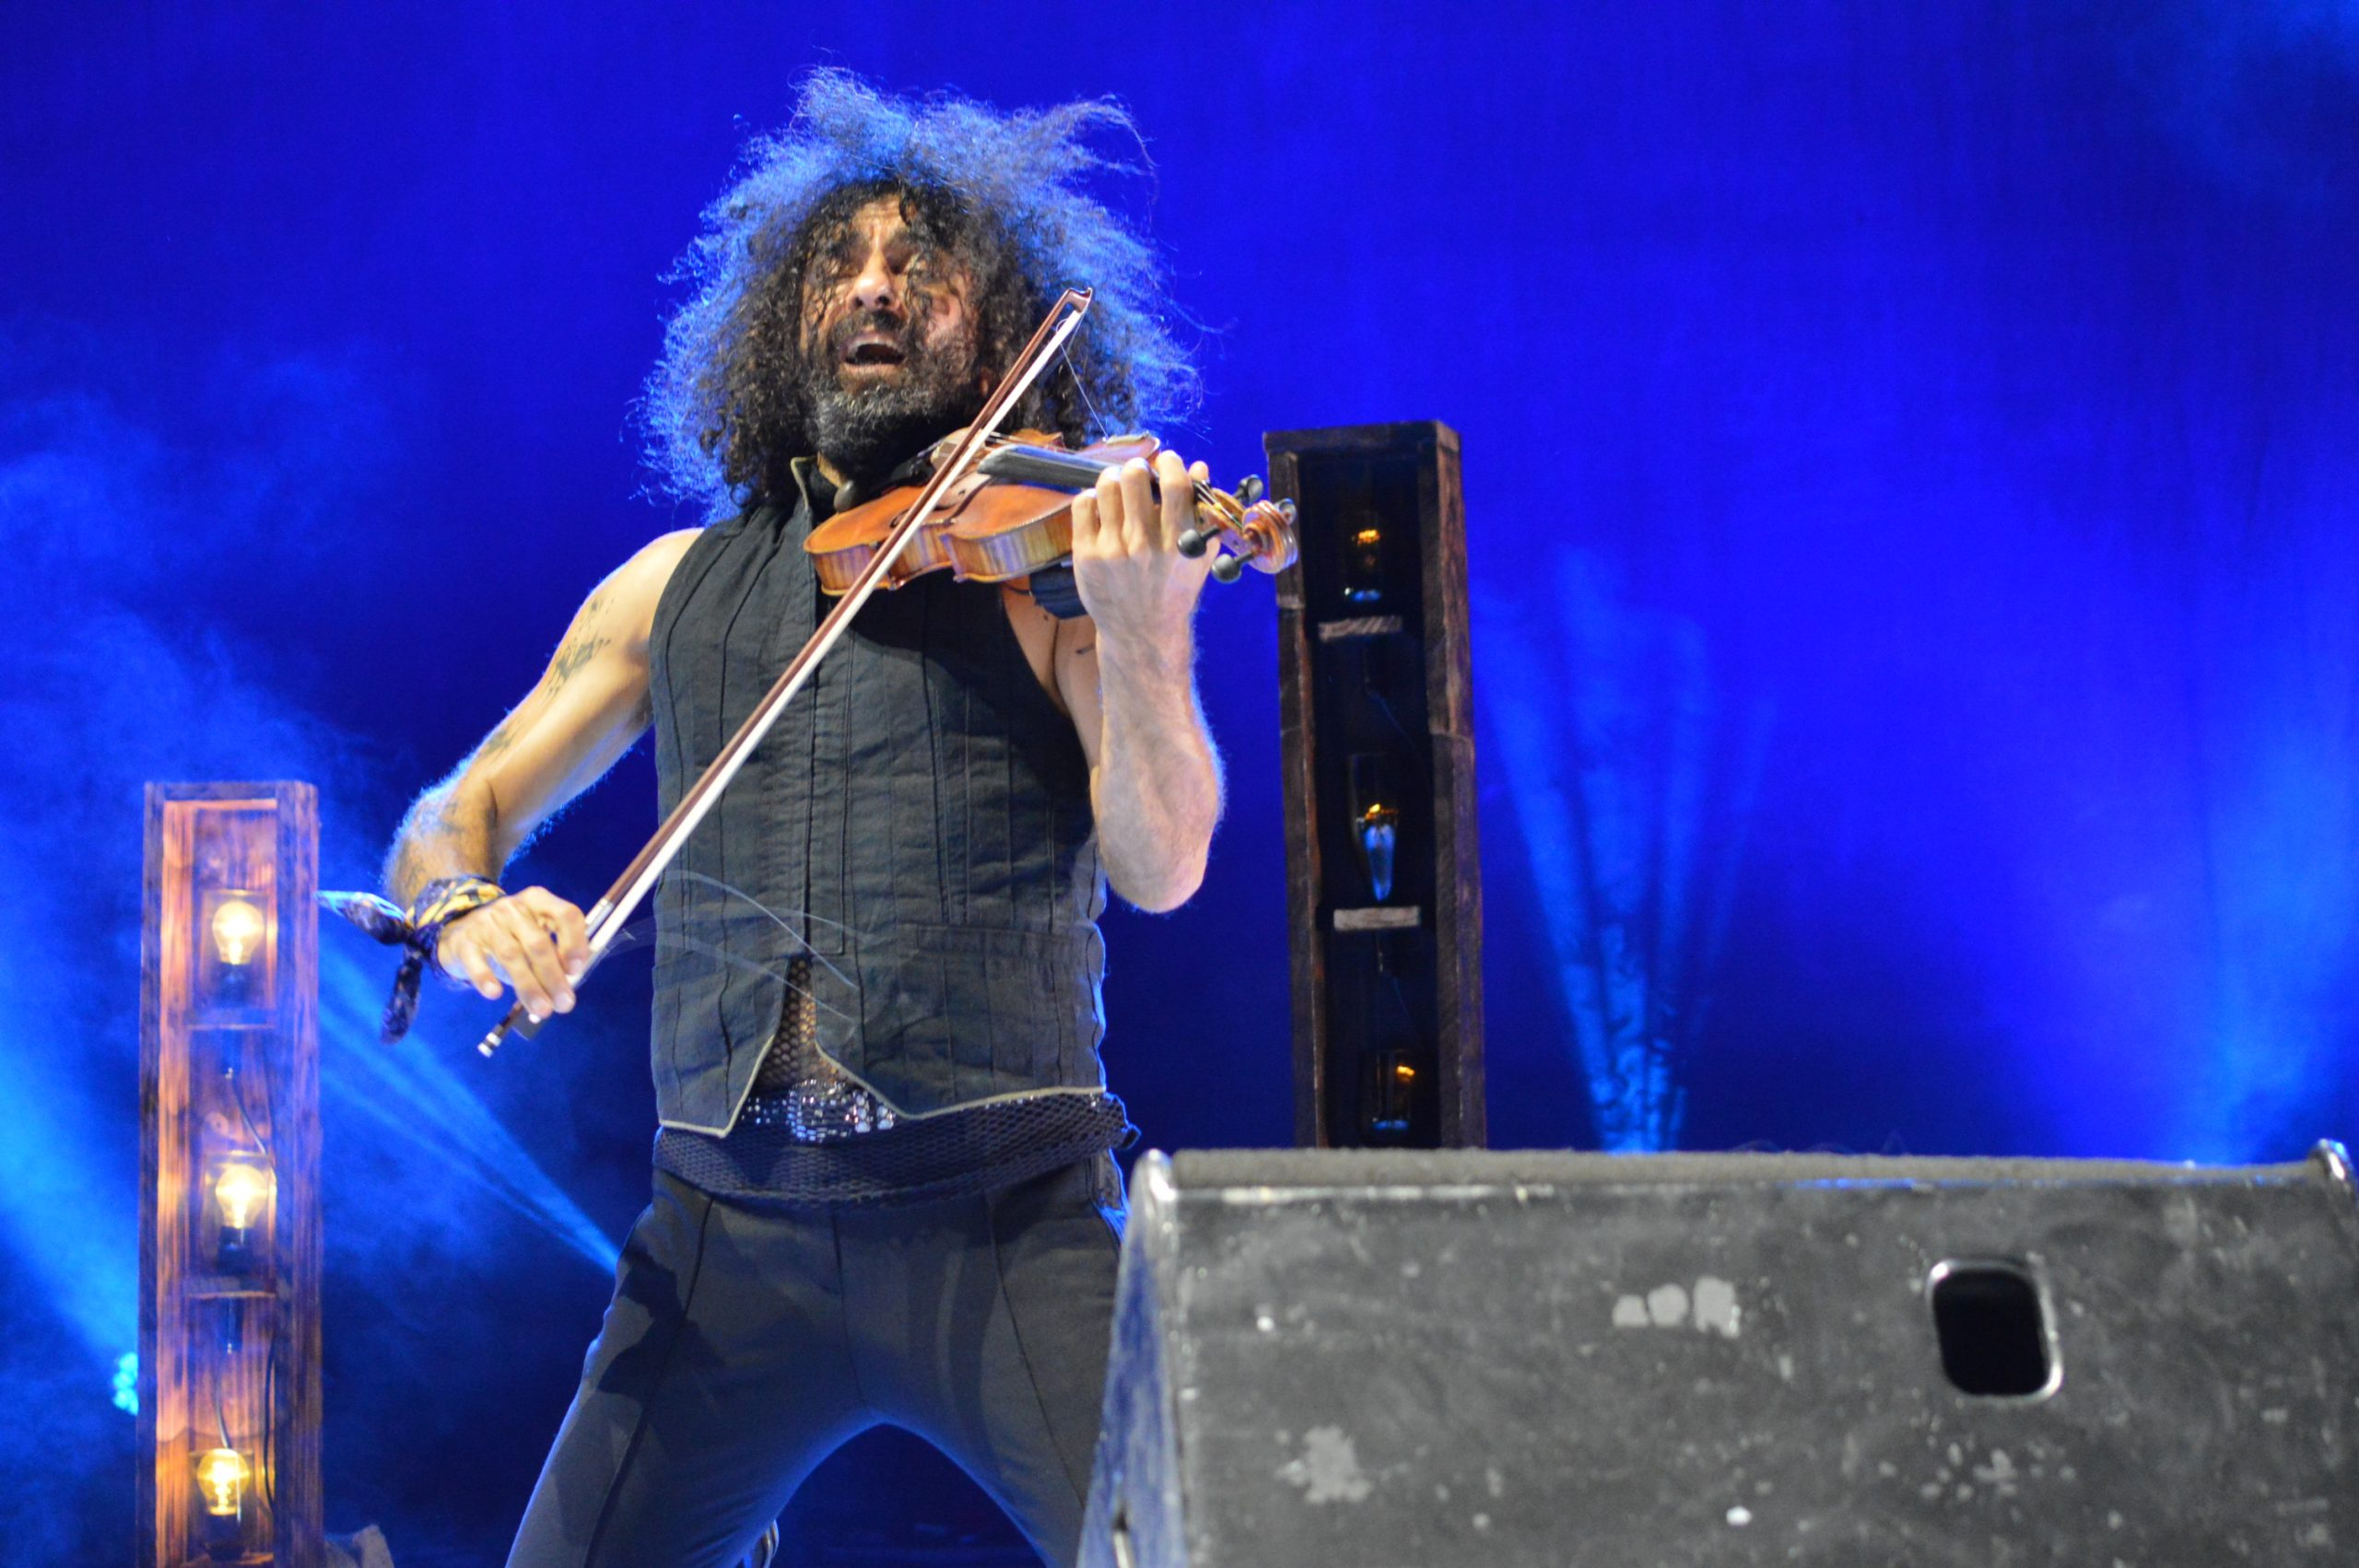 Ara Malikian emociona en su regreso a Ponferrada demostrando una vez más su virtuosismo con el violín 21